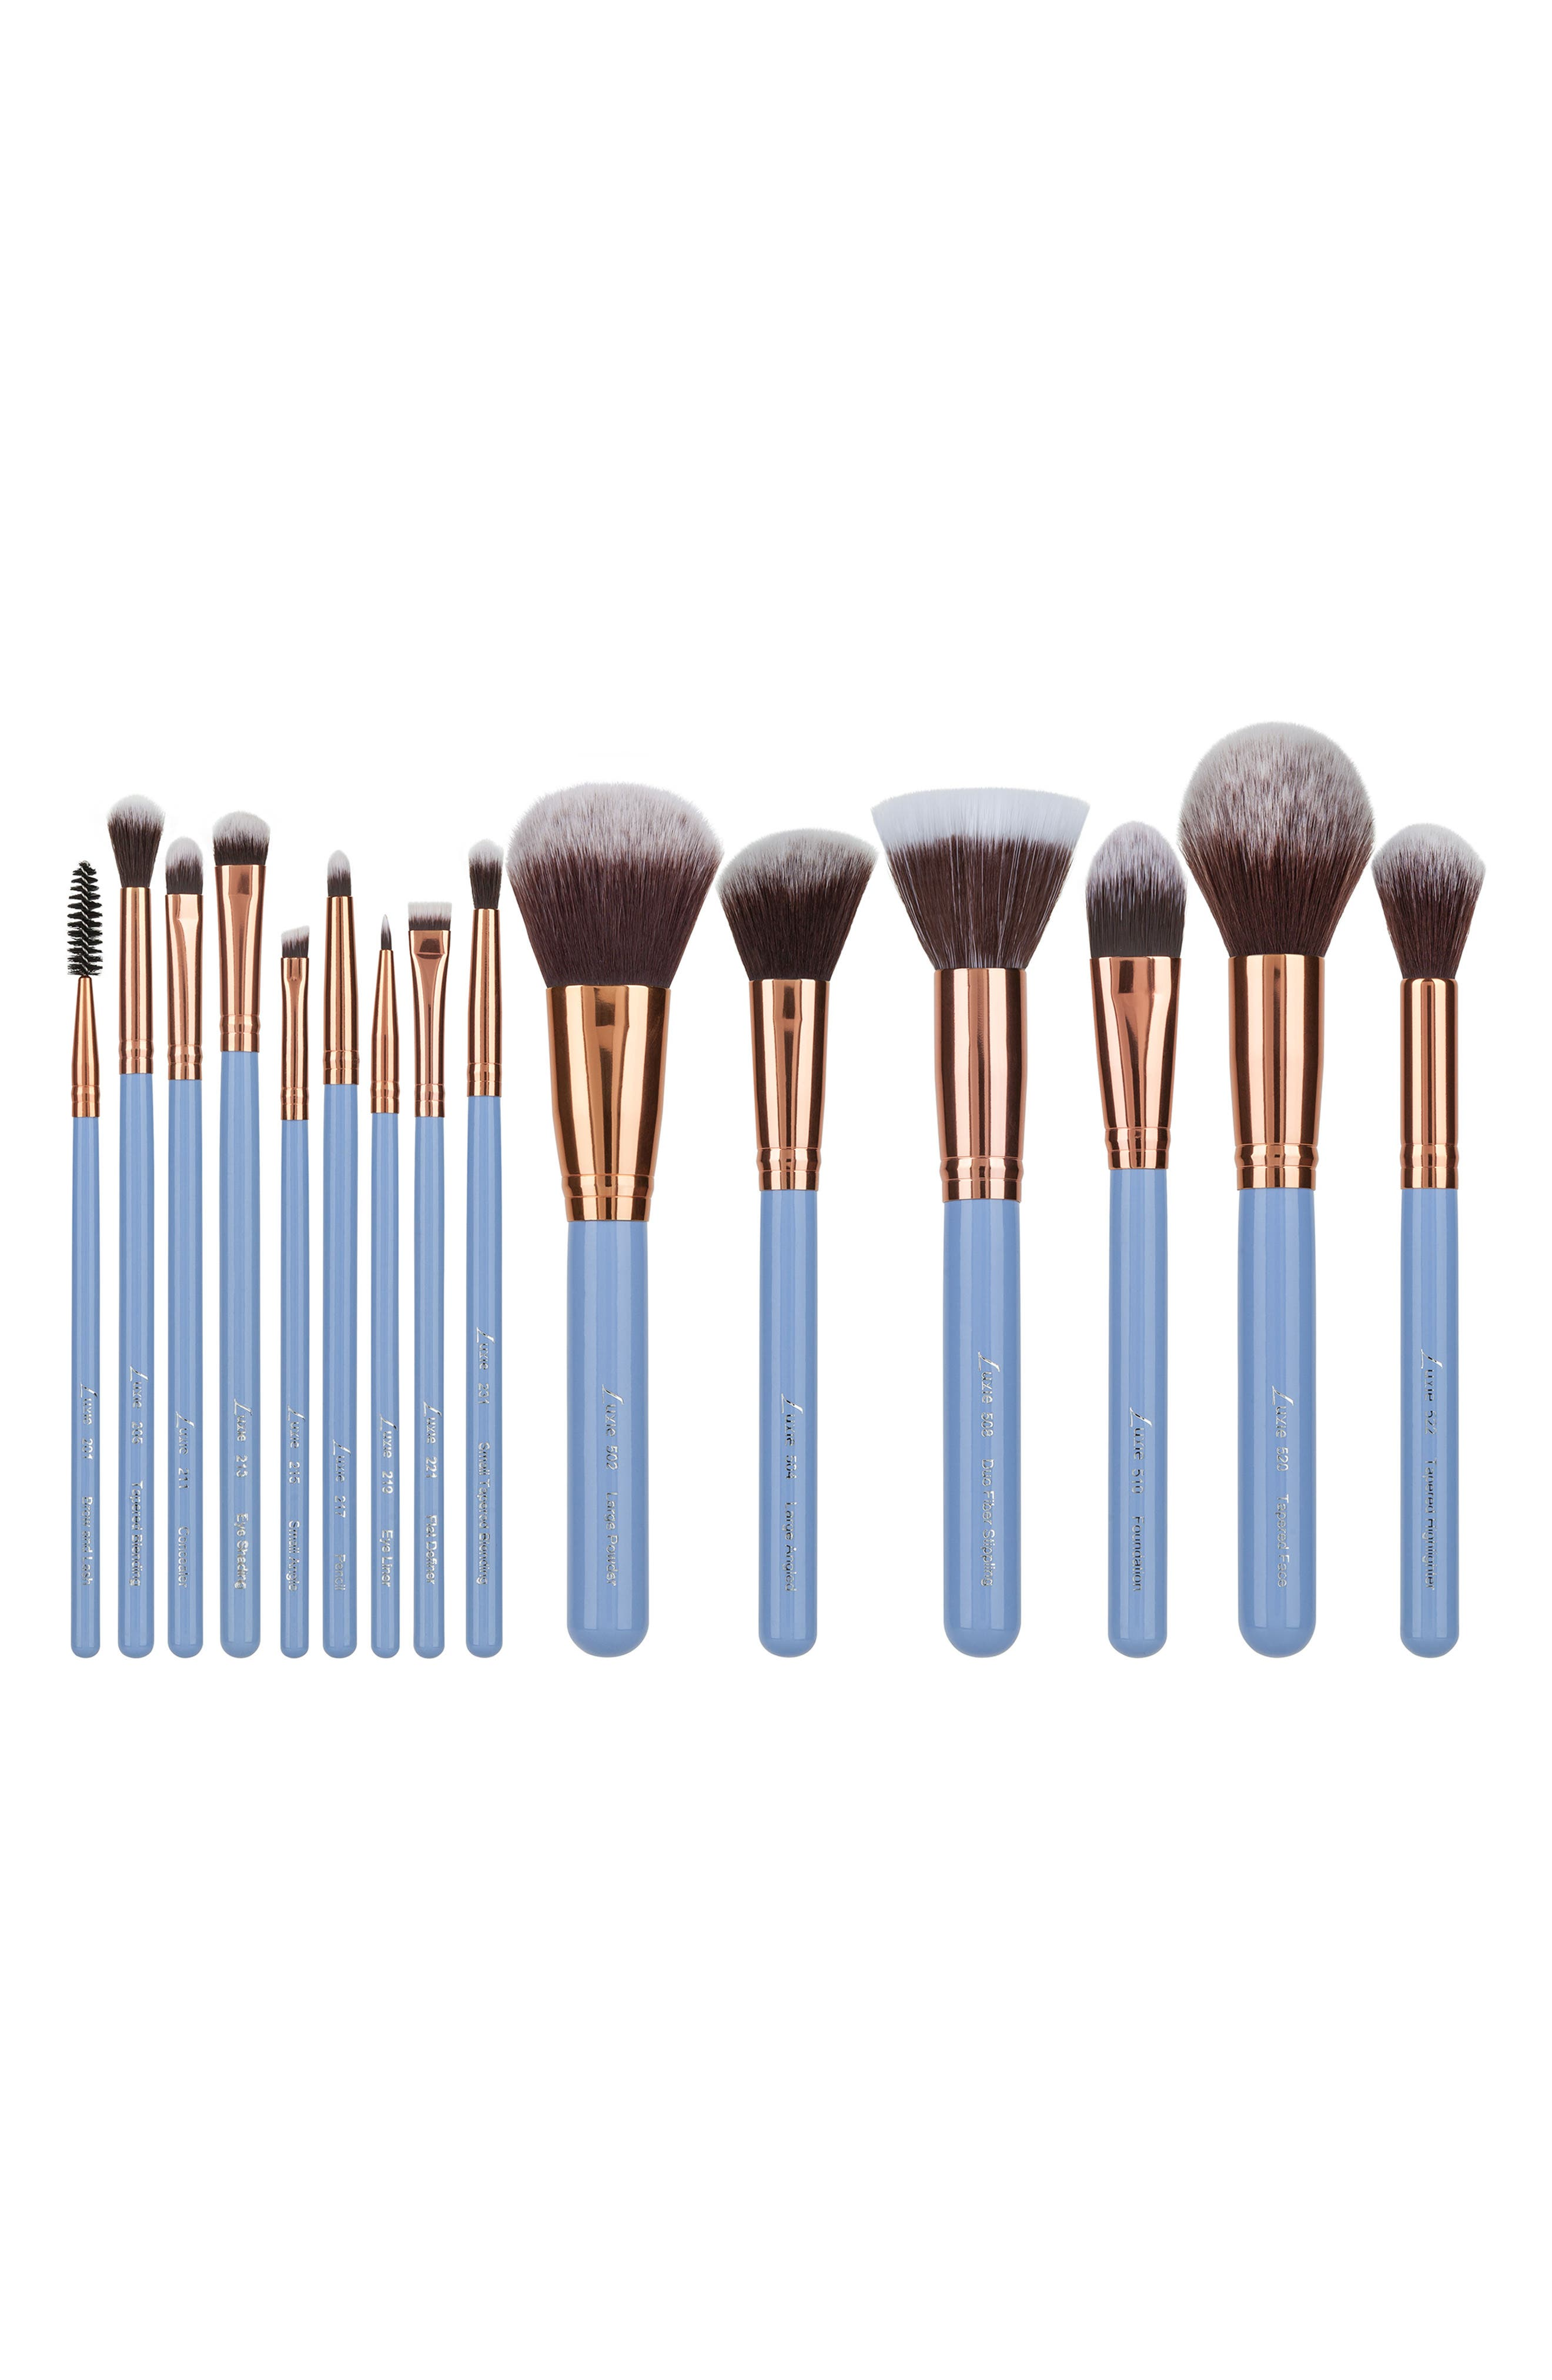 Dreamcatcher Makeup Brush Collection,                             Alternate thumbnail 2, color,                             No Color